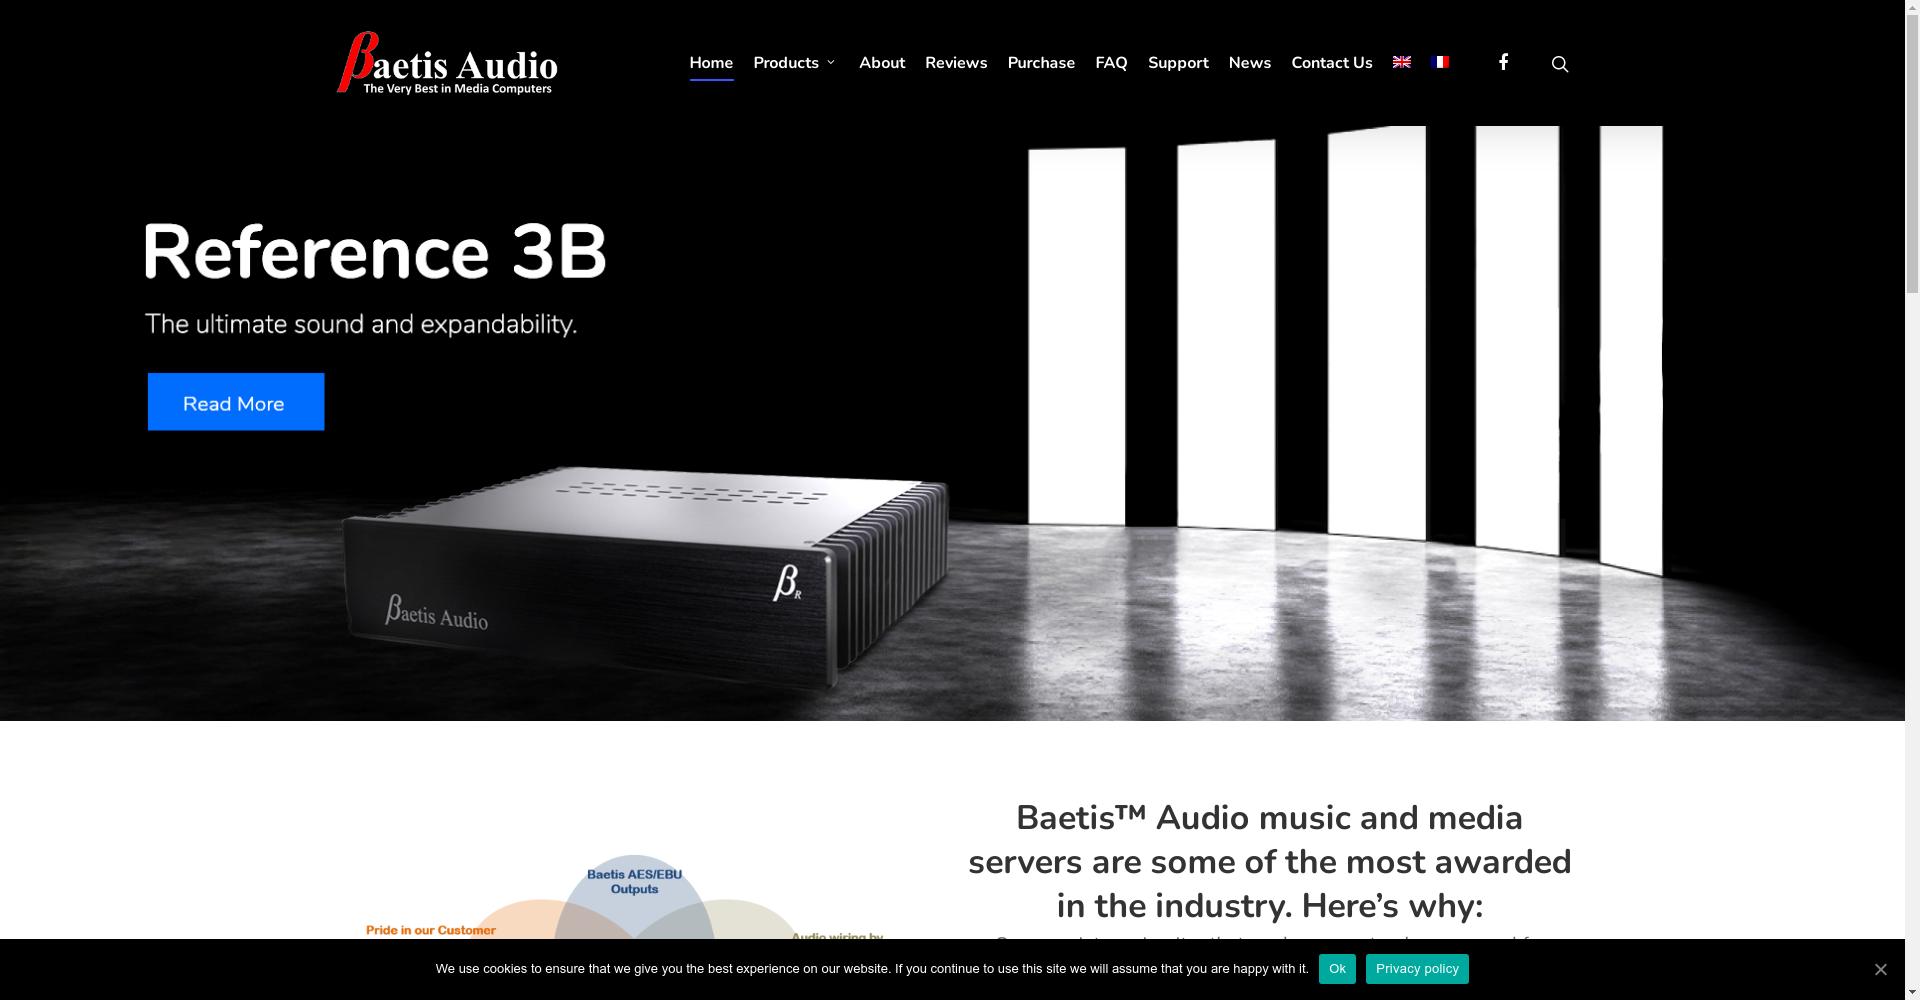 Baetis Audio